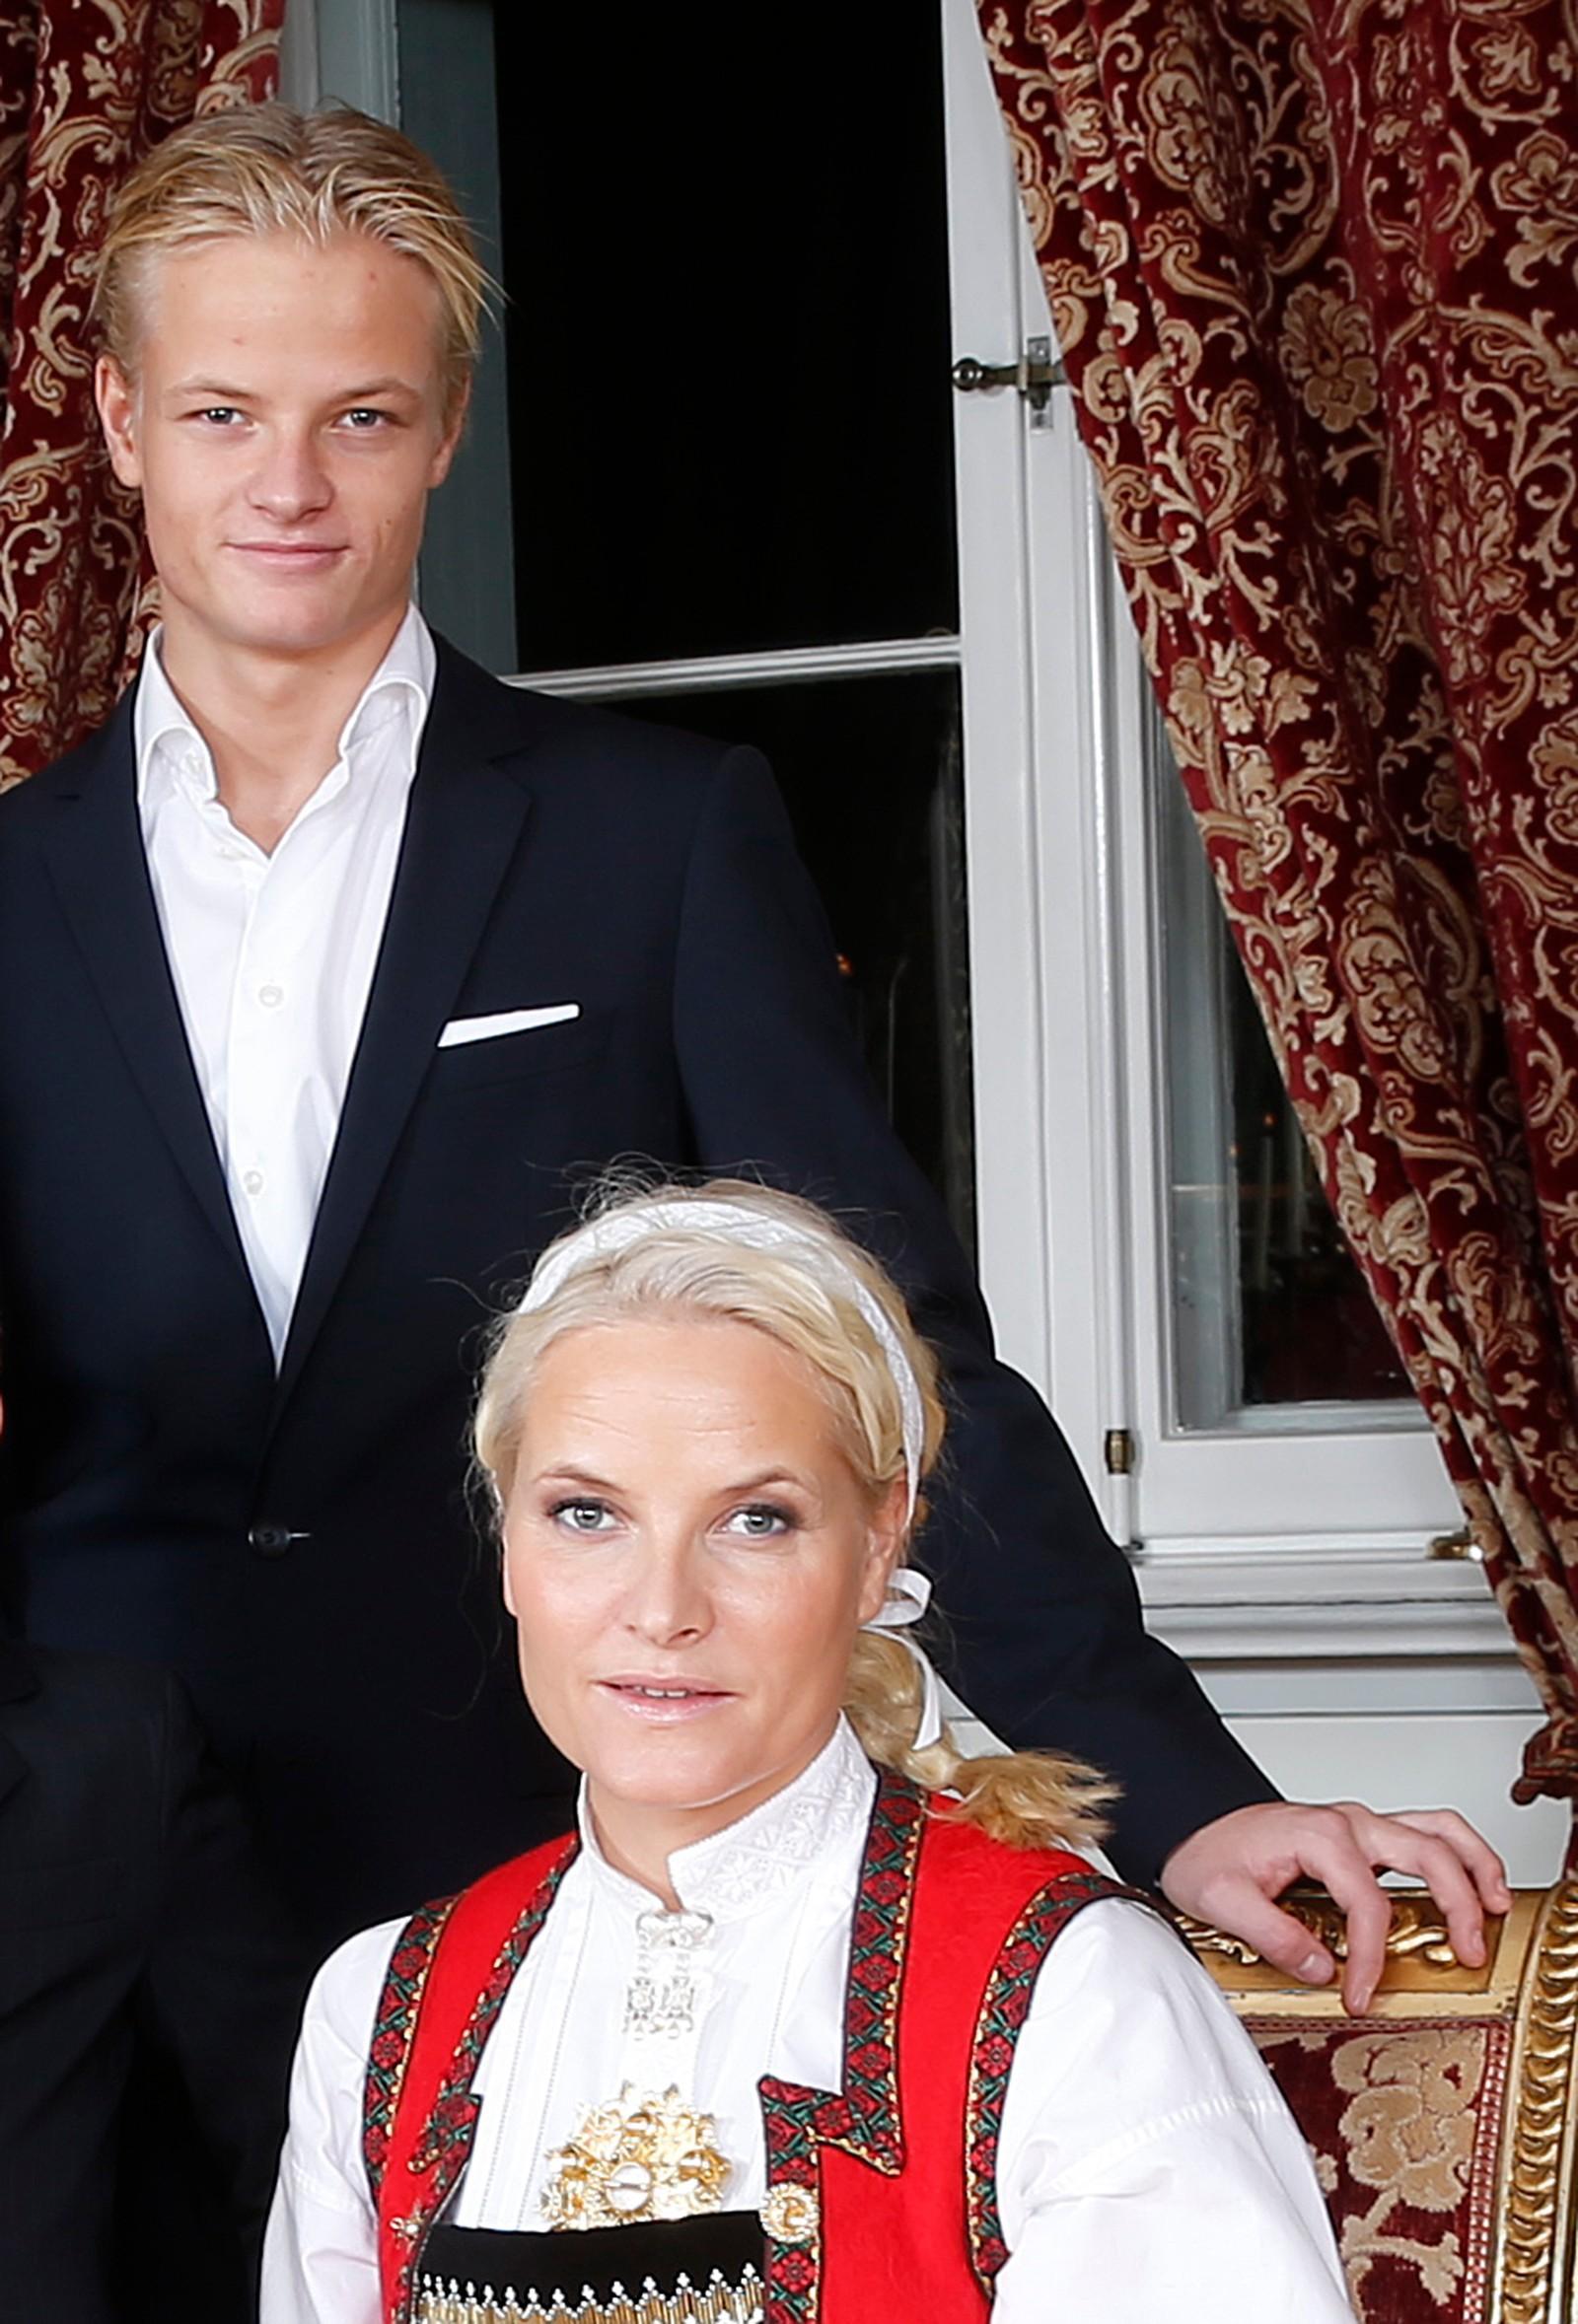 Julefotografering av kongefamilien på Slottet i Oslo onsdag ettermiddag. Kong Harald, Marius Borg Høiby, kronprinsesse Mette-Marit, kronprins Haakon, prins Sverre Magnus, dronning Sonja og prinsesse Ingrid Alexandra. Julen 2014. Foto: Lise Åserud / NTB scanpix